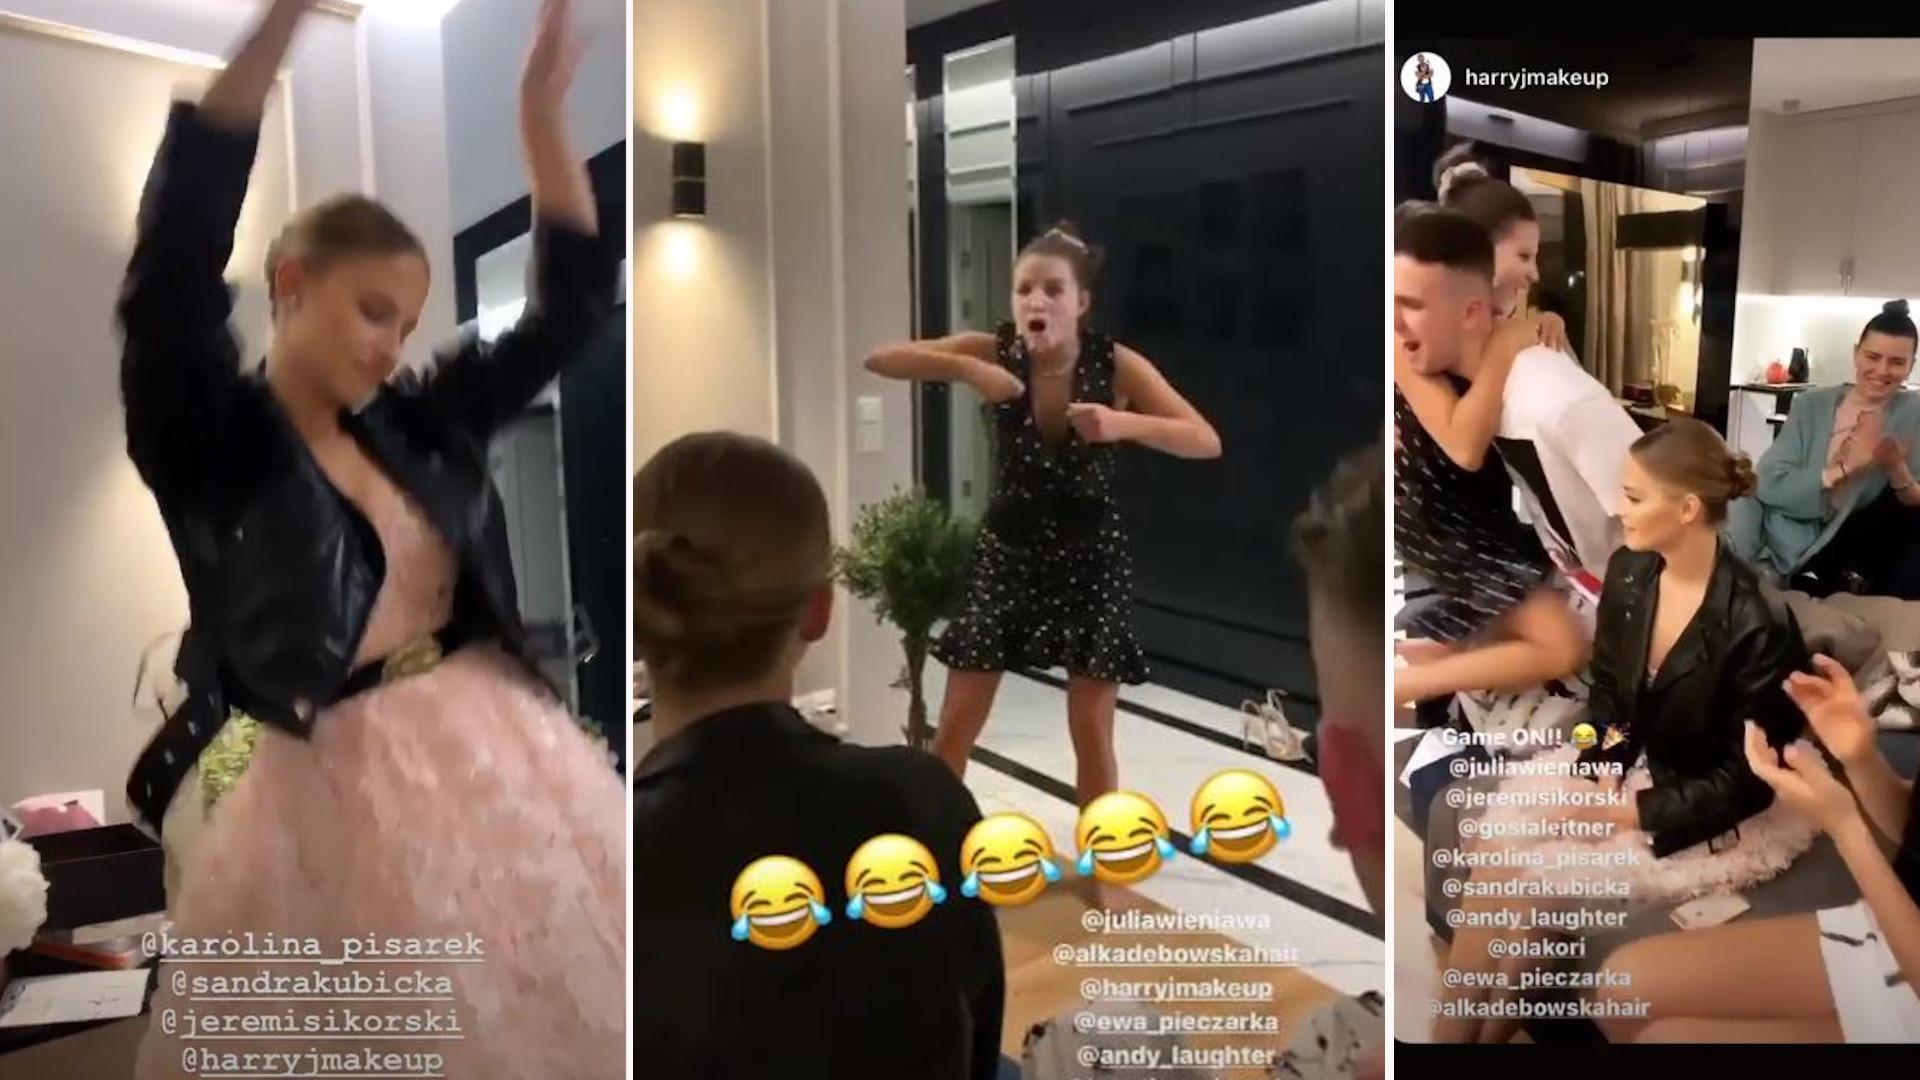 Wczoraj gwiazdy świetnie bawiły się na imprezie H&M. Zobaczcie, co działo się w mieszkaniu na AFTERPARTY